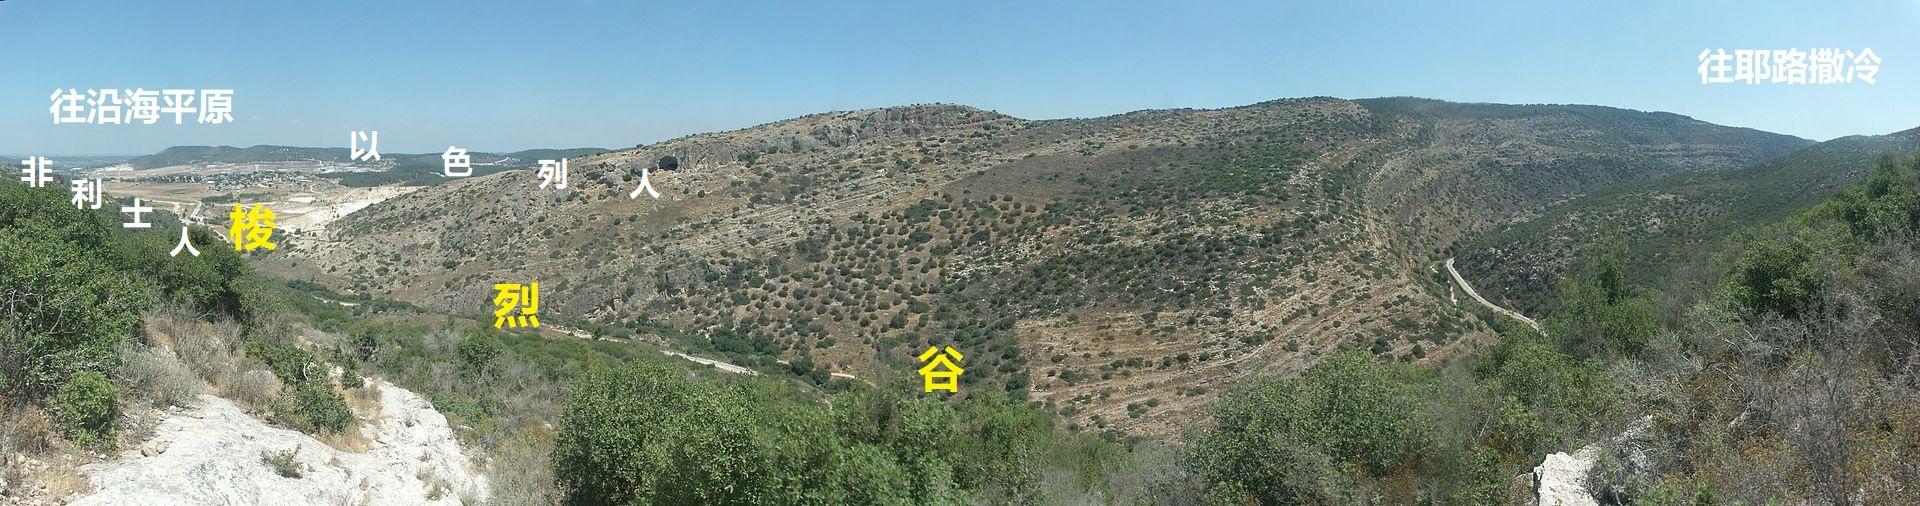 上图:蜿蜒的梭烈谷是从沿海平原前往耶路撒冷的重要通道,谷中的梭烈溪是犹大山地最大、也是最重要的流域,从中央山地穿过示非拉丘陵流向地中海。这个地区很适合种葡萄,在士师时代是以色列人与非利士人的分界线。